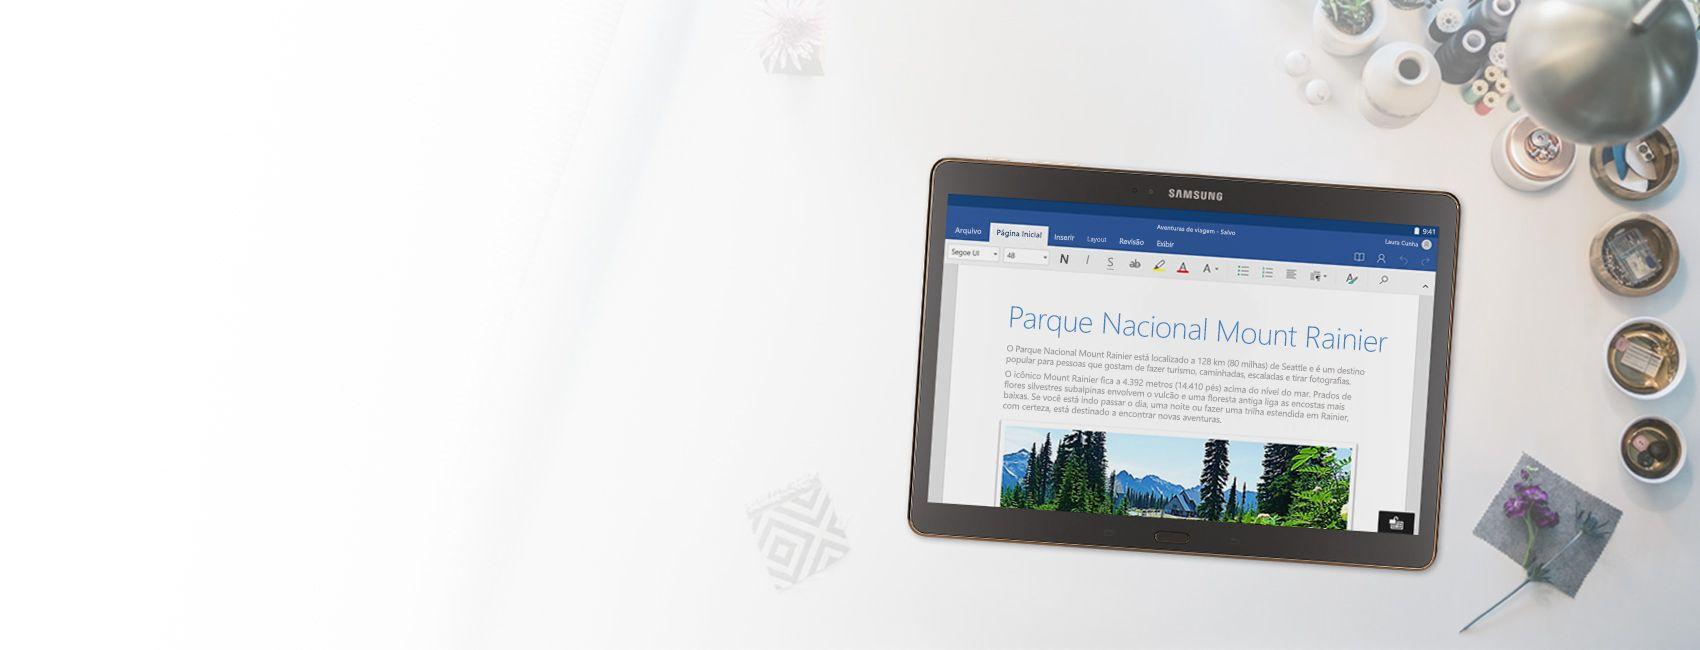 Tablet mostrando um documento do Word sobre o Parque Nacional Mount Rainier